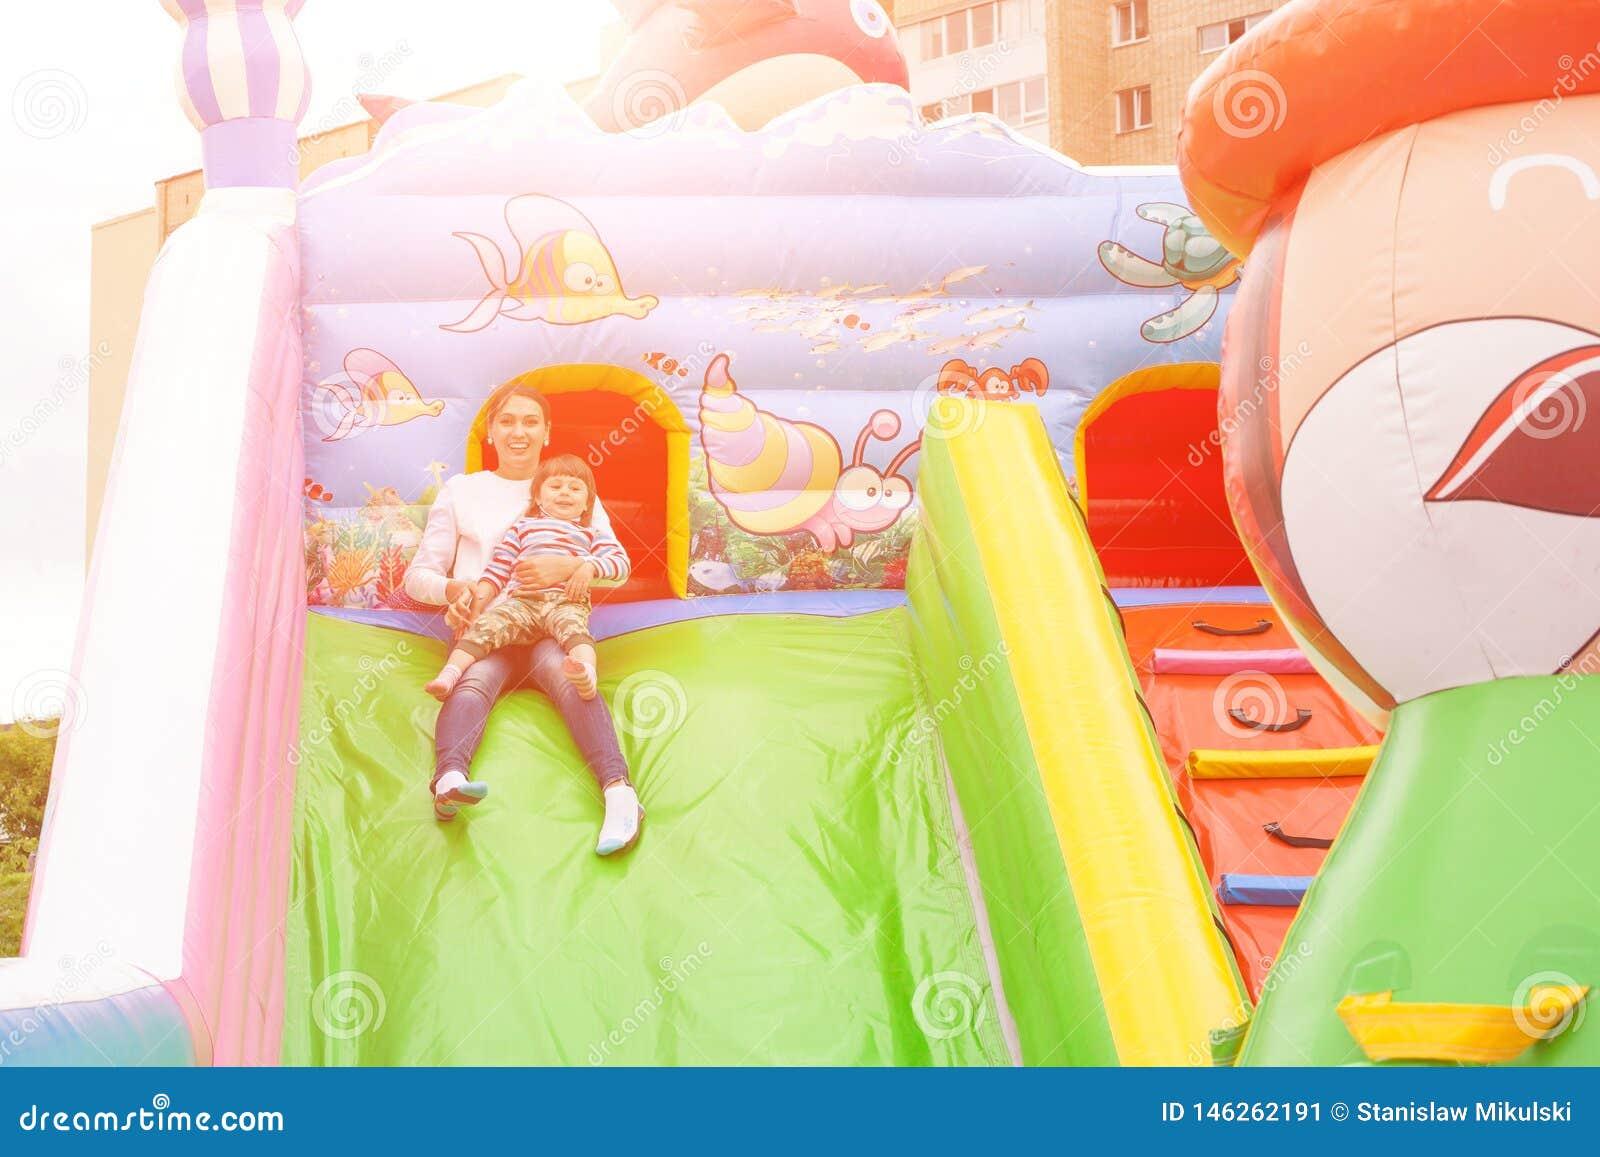 Mamman och barnet rider en glidbana i en uppblåsbar slott